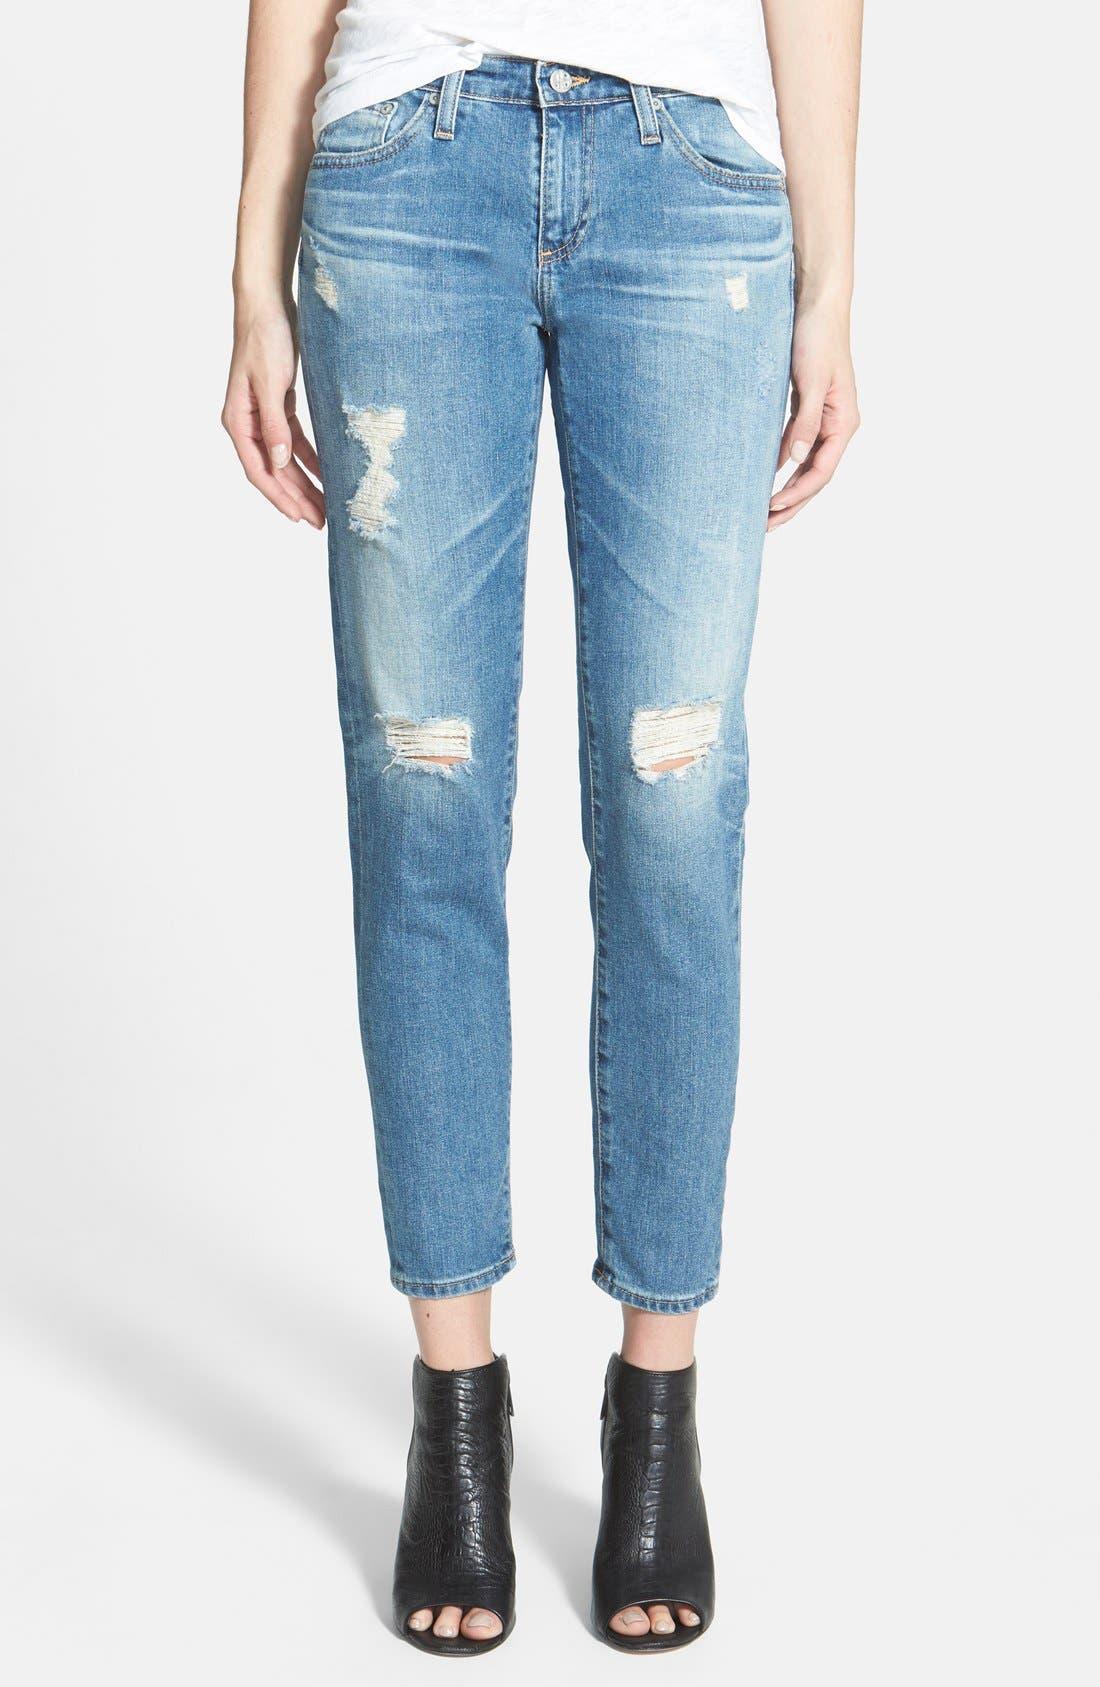 AG 'Stilt' Cigarette Leg Jeans